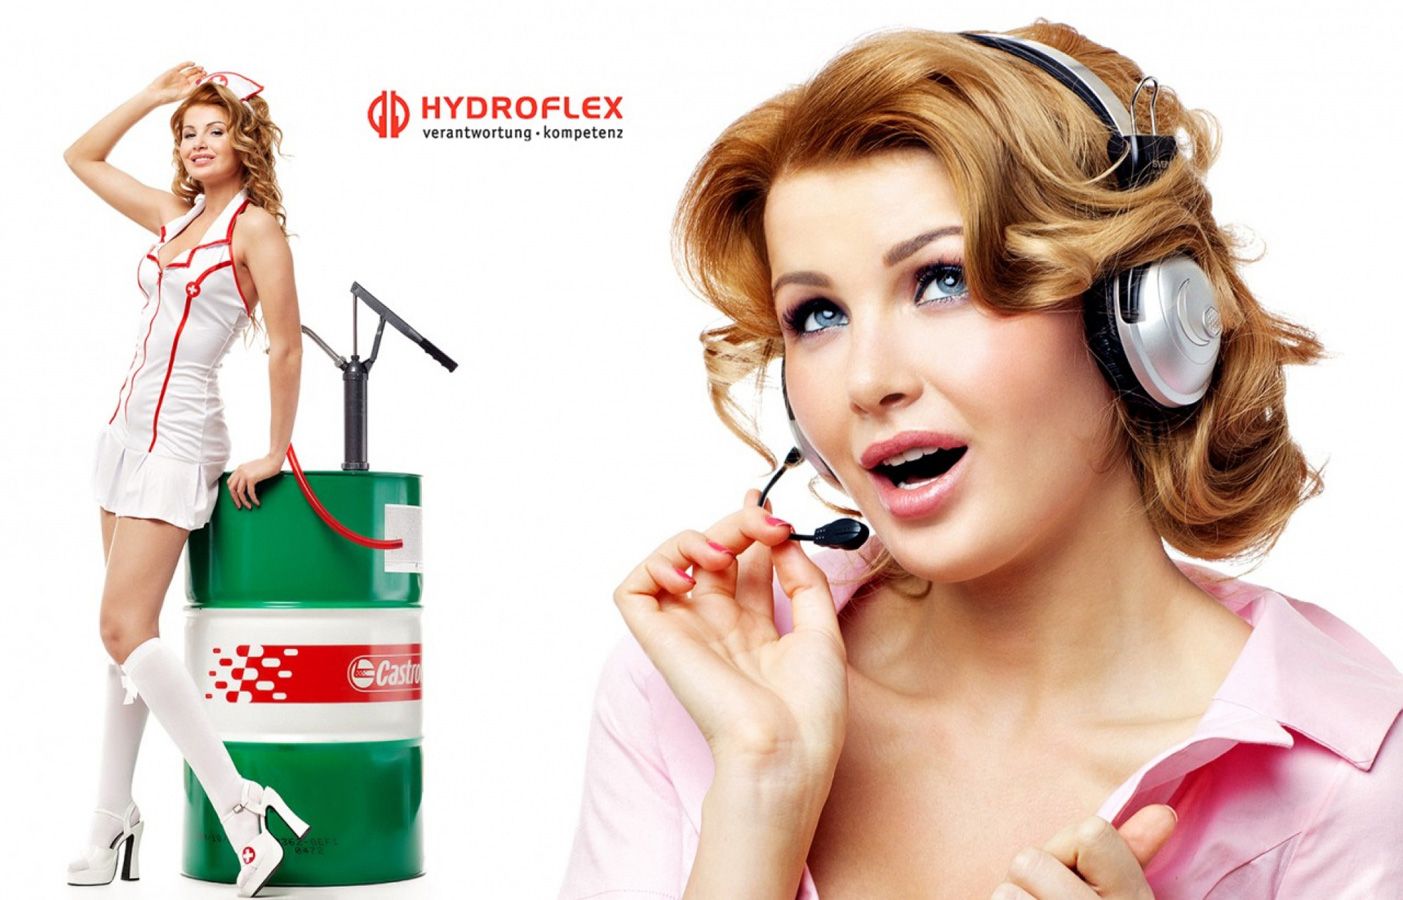 Hydroflex. Рекламная фотосъемка, фотограф Лена Волкова